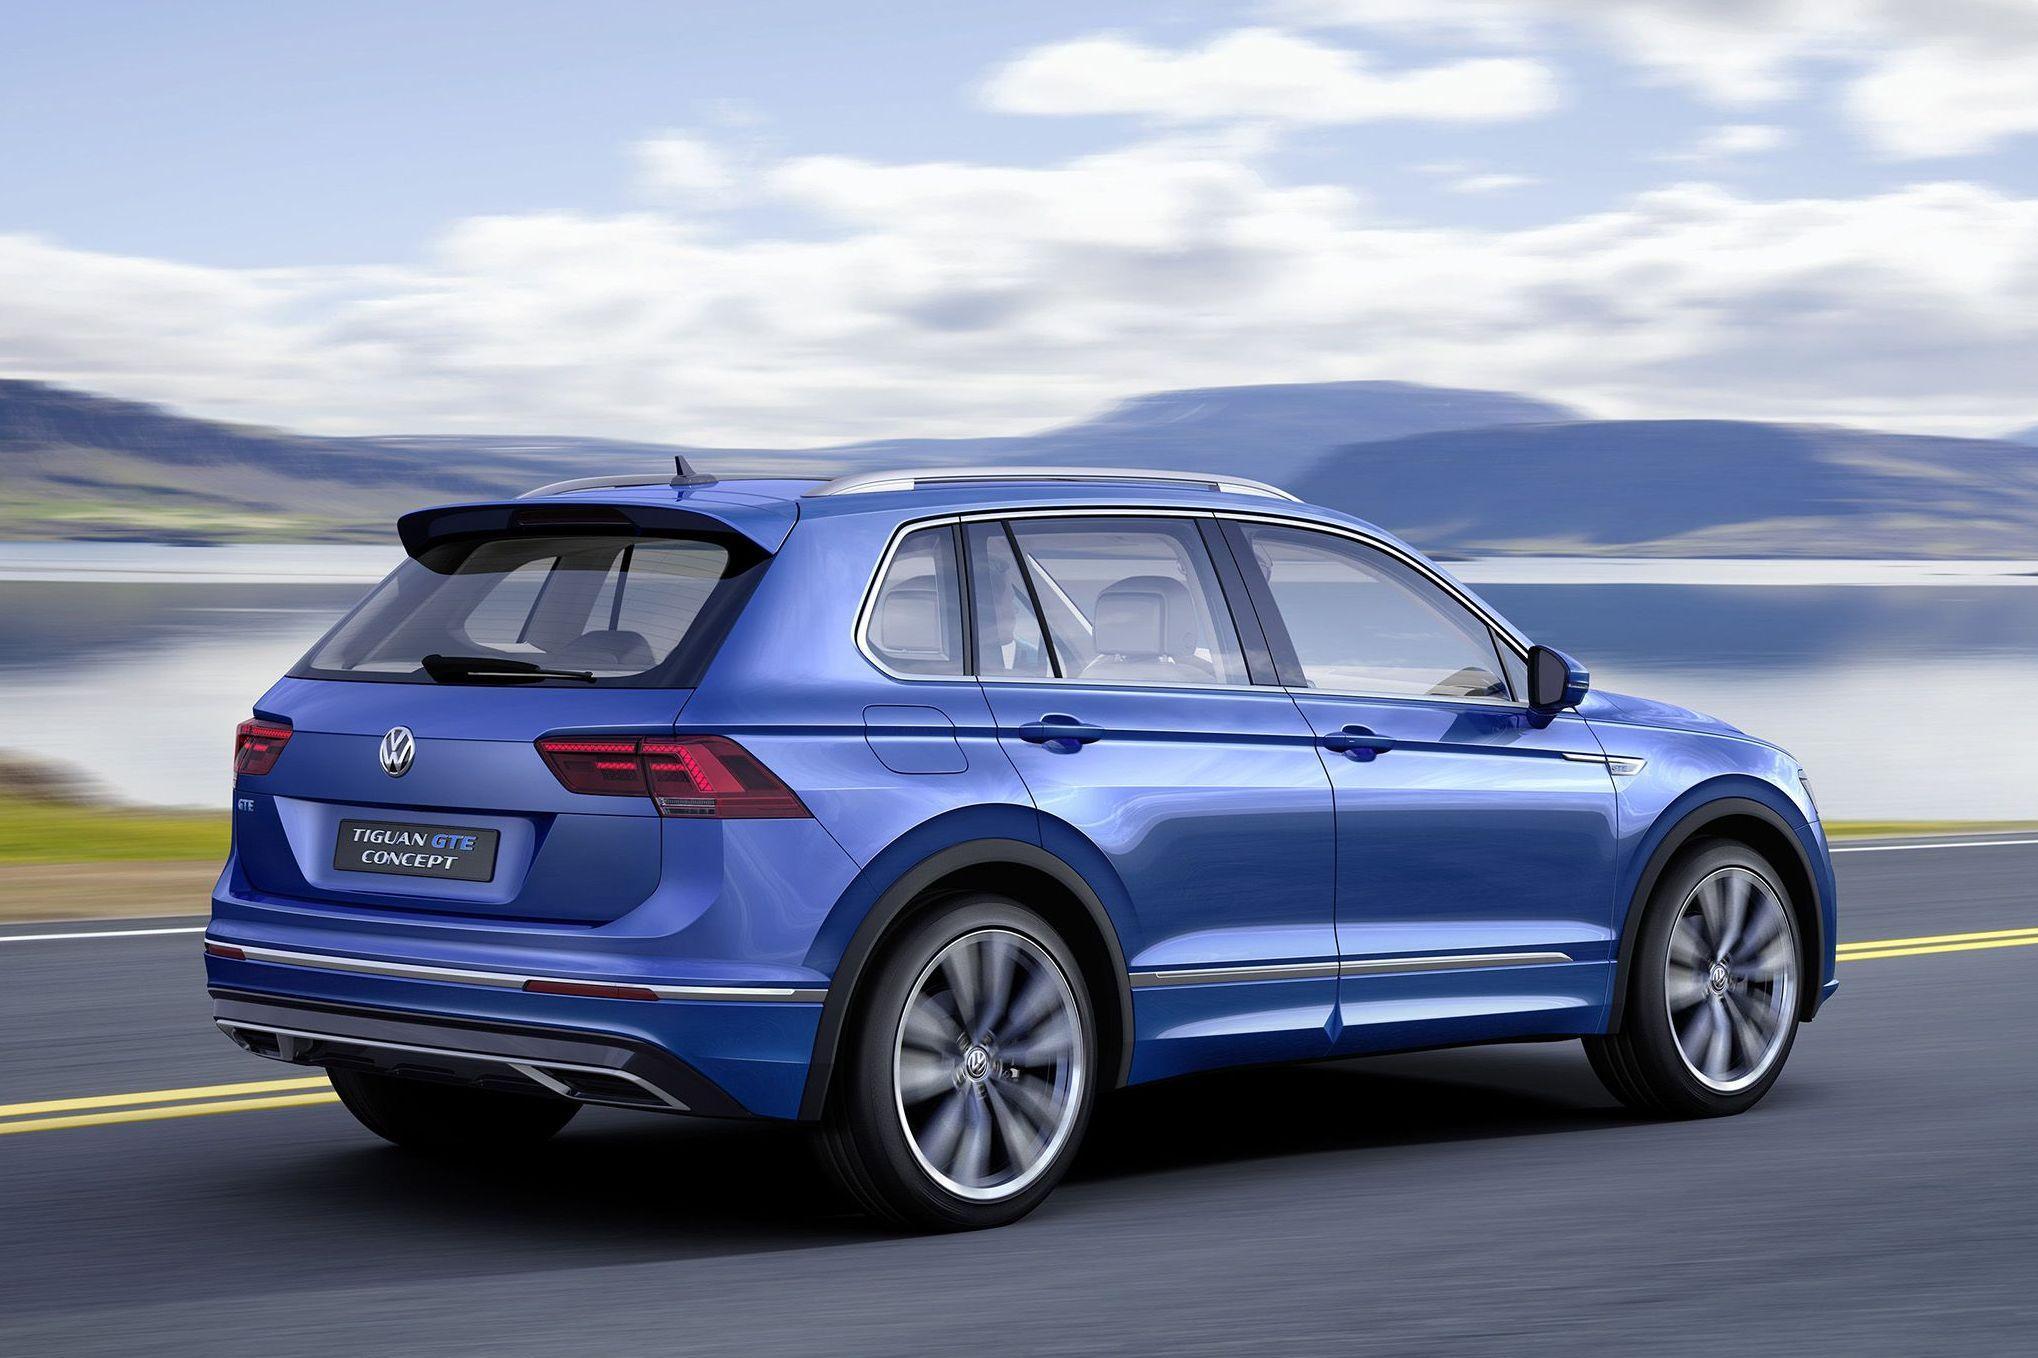 Новый Volkswagen Tiguan появится в России только в 2017 году